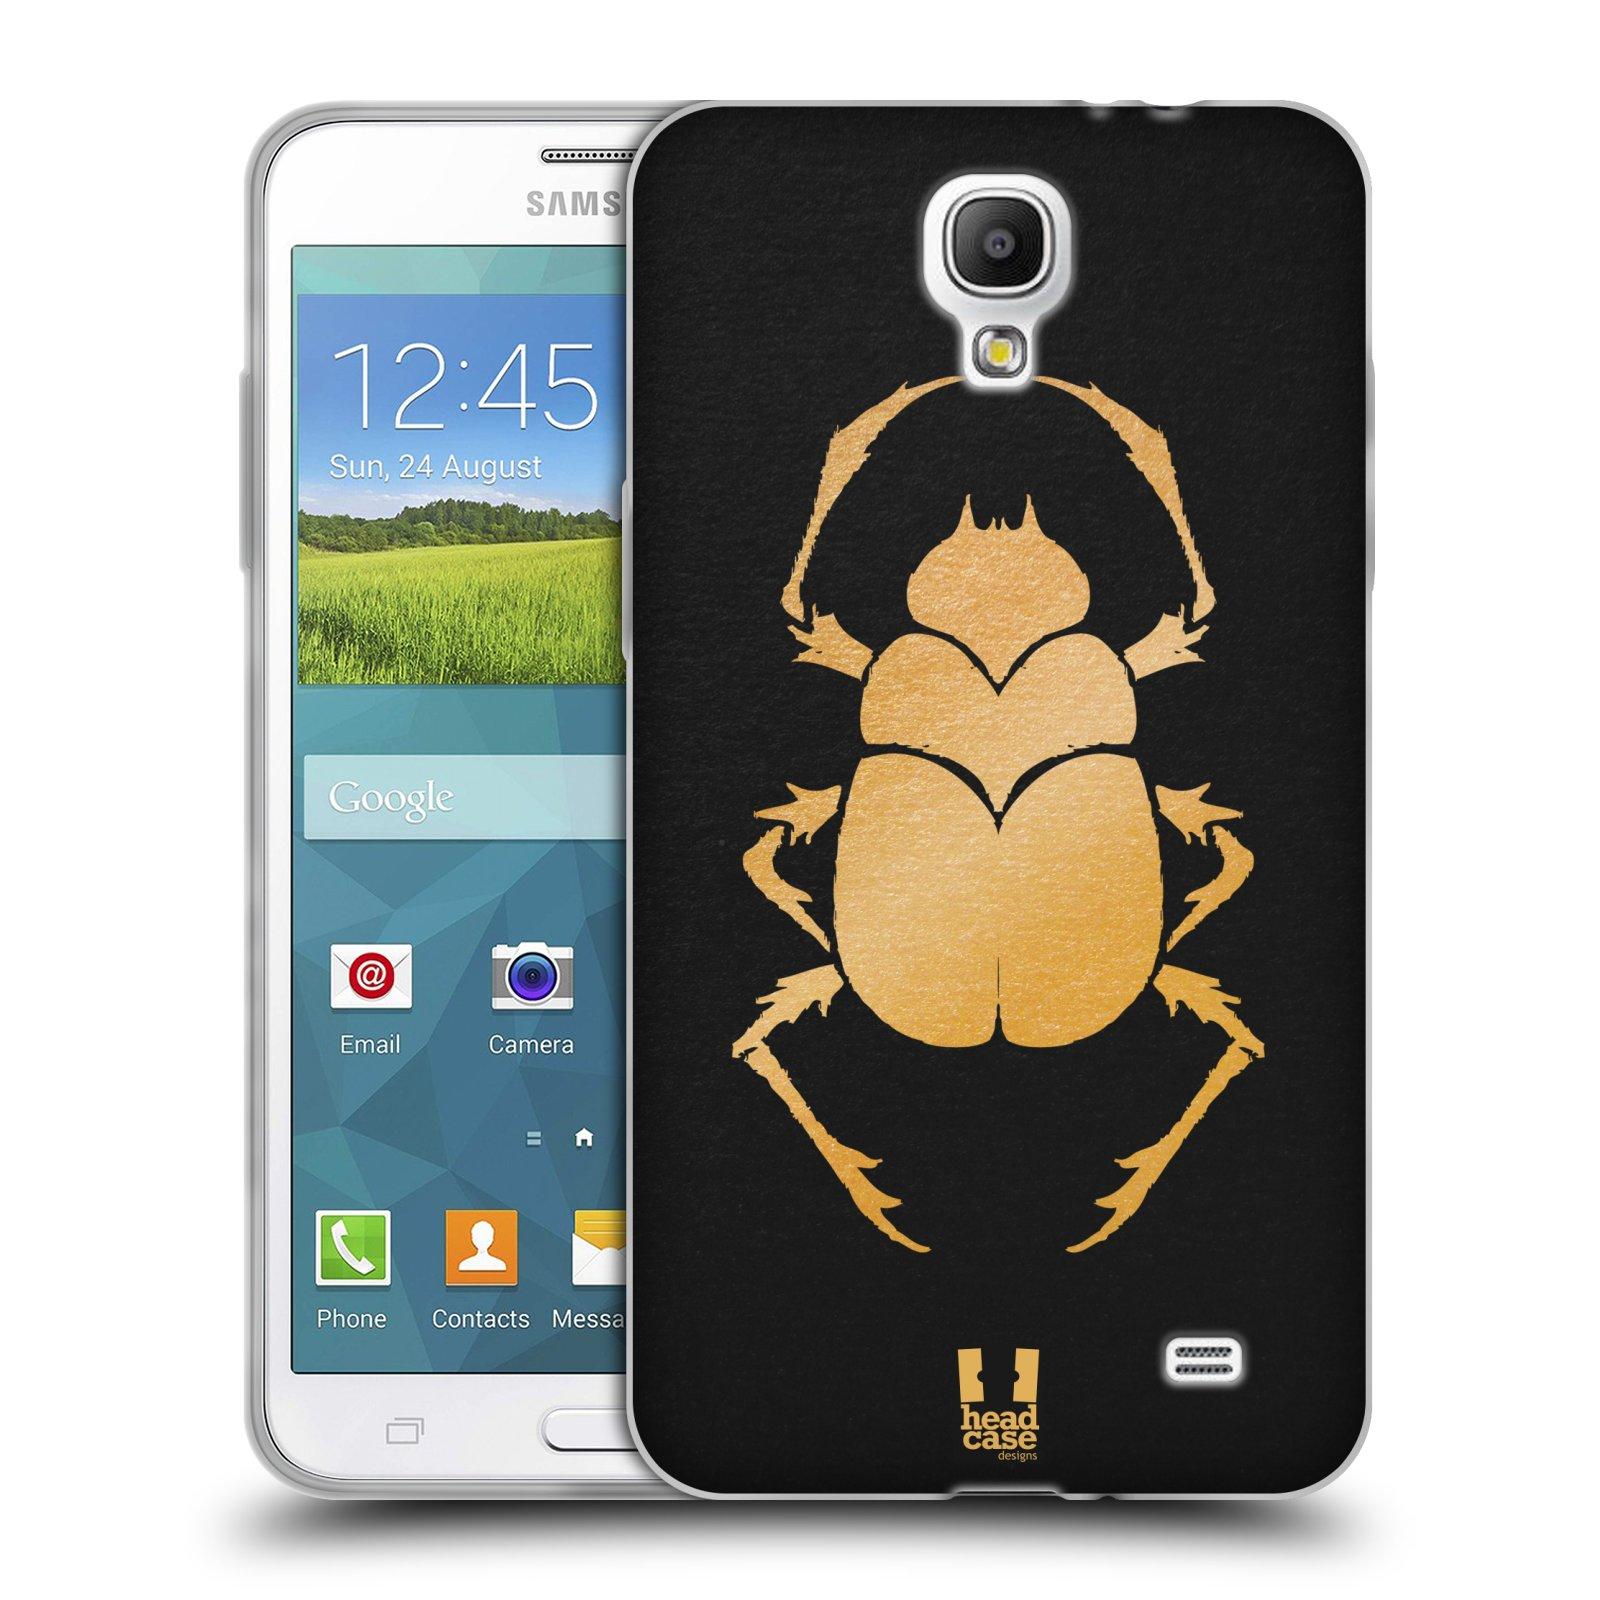 HEAD CASE silikonový obal na mobil Samsung Galaxy Mega 2 vzor EGYPT zlatá a černá BROUK SKARAB